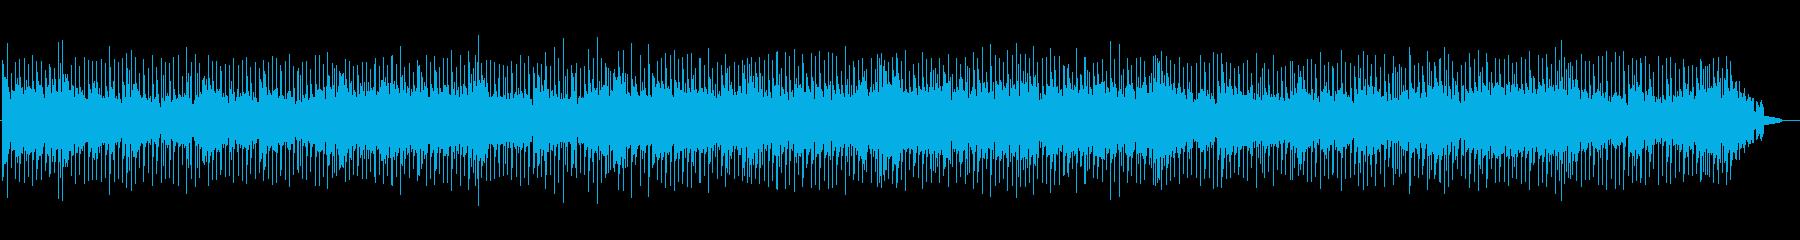 爽快なポップカントリーの再生済みの波形